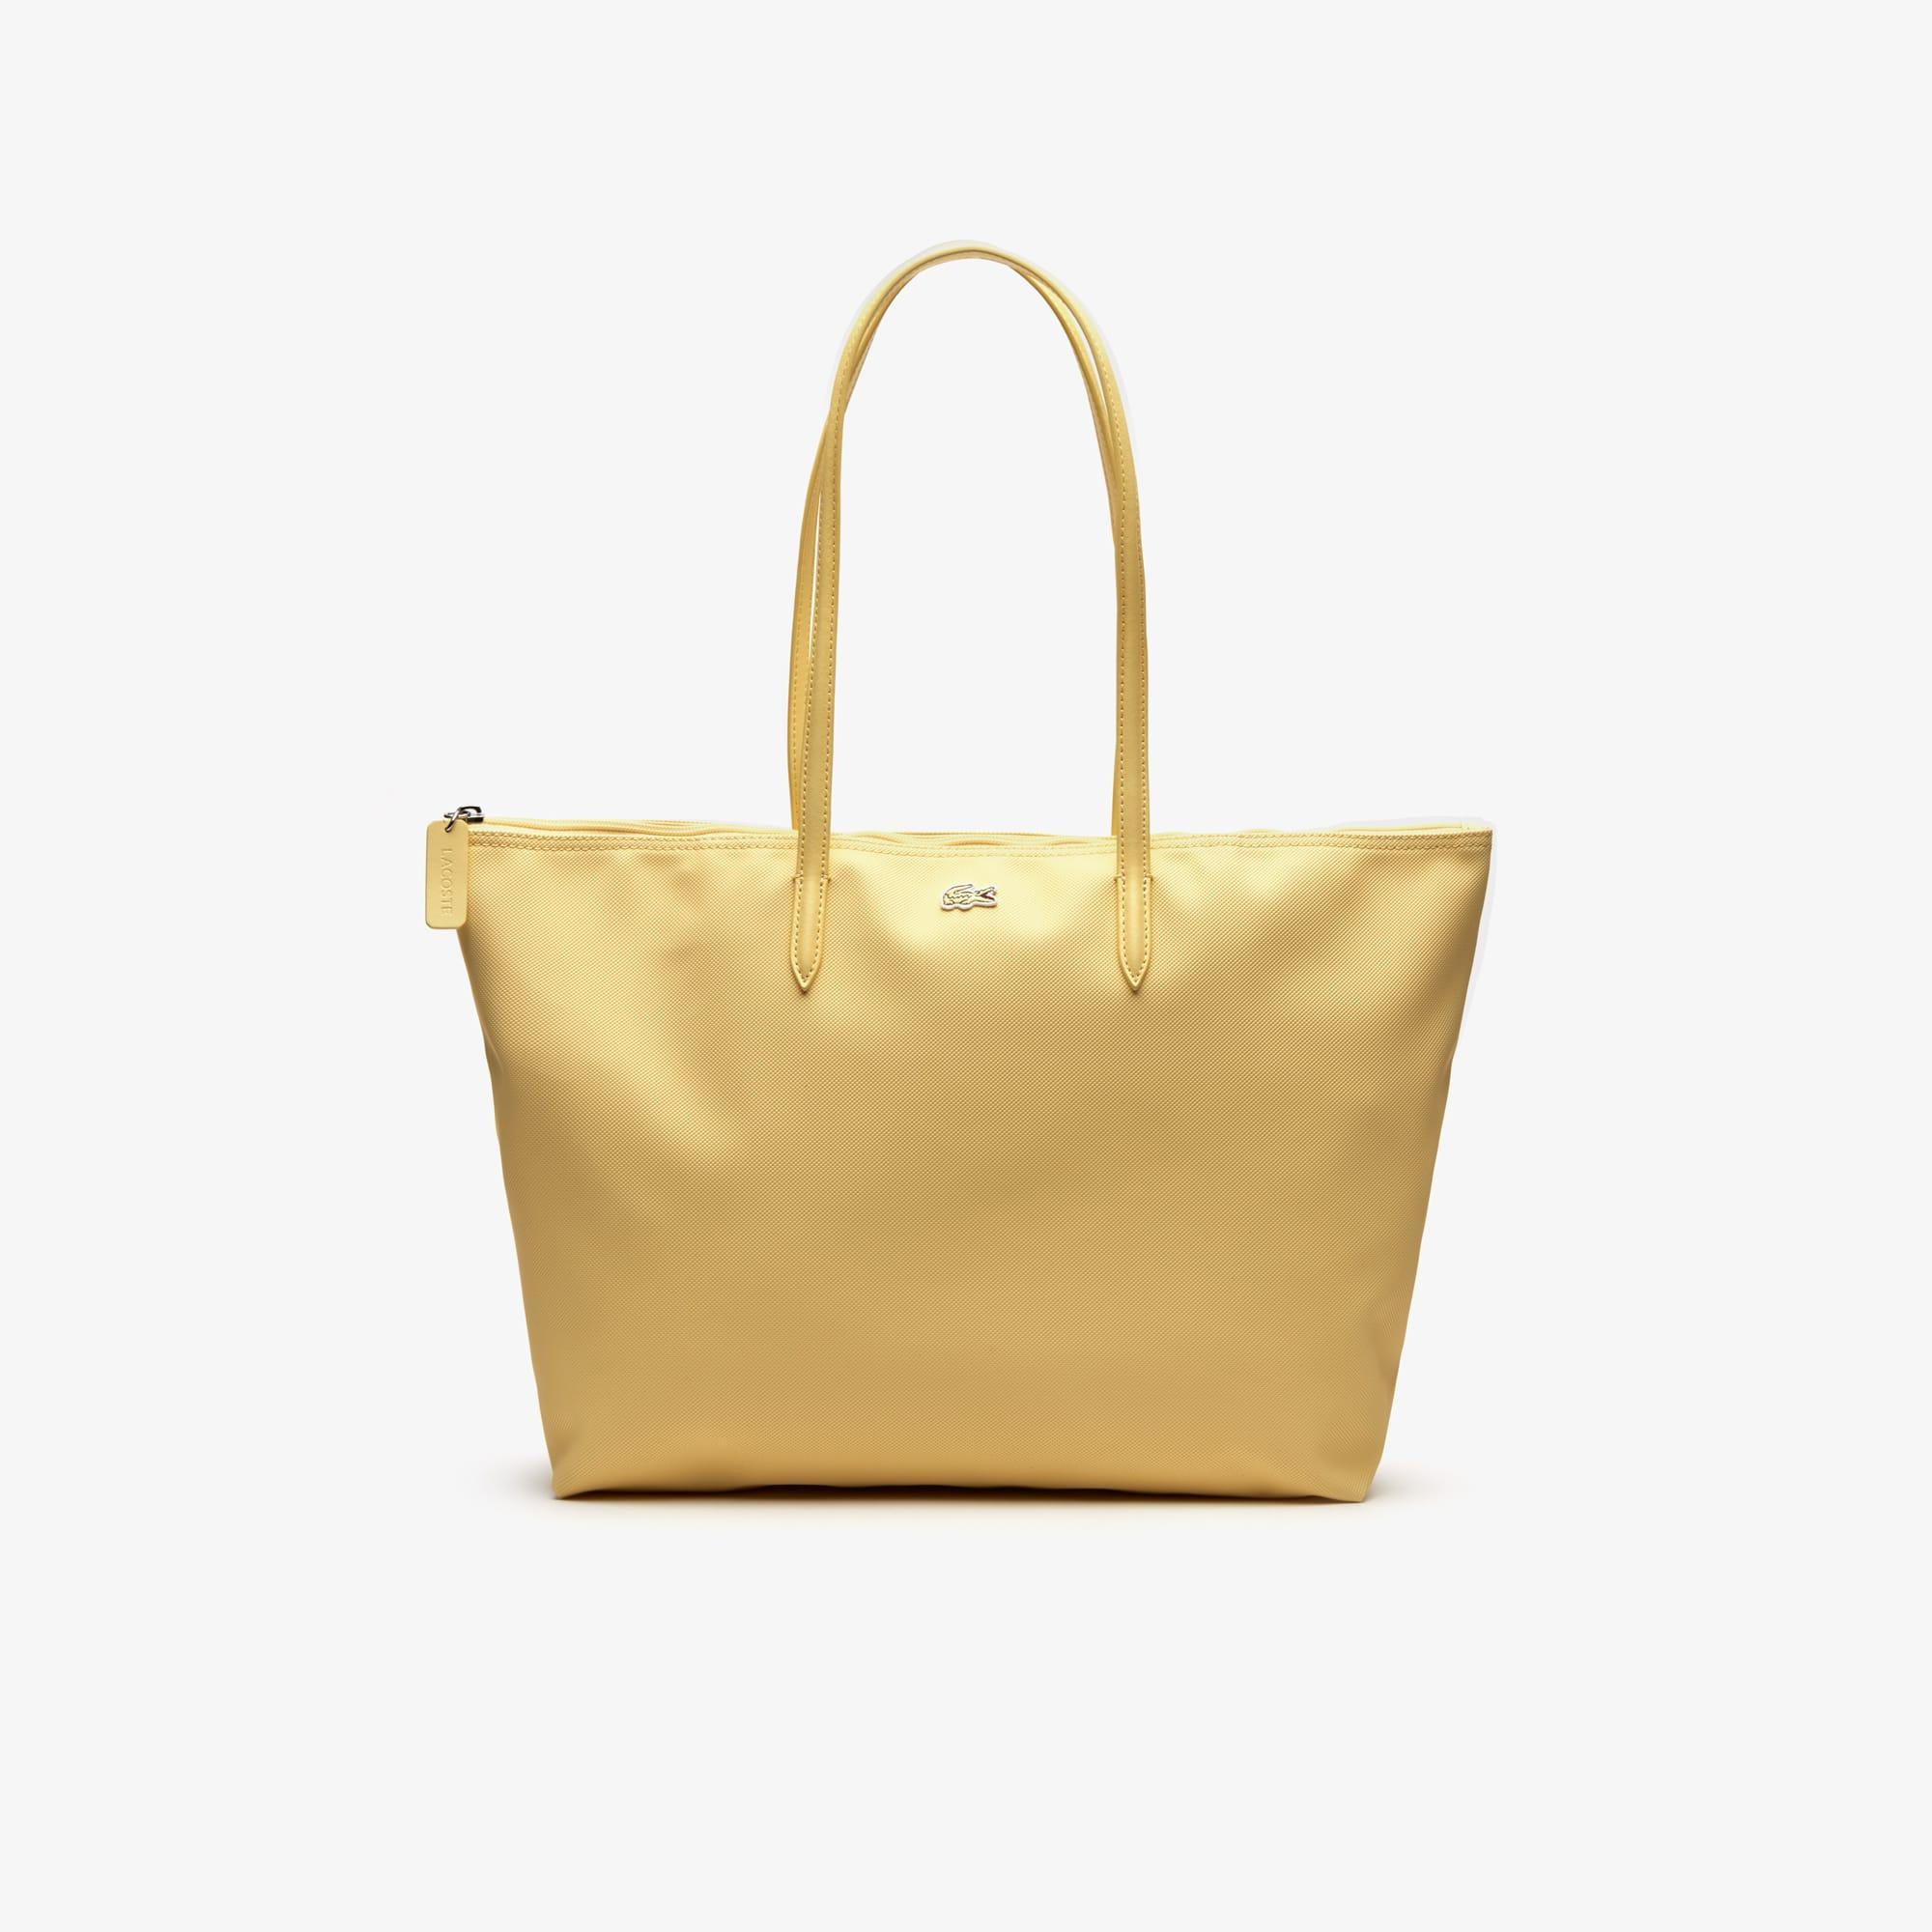 bbb9b8ff53 Bags   Handbags Collection